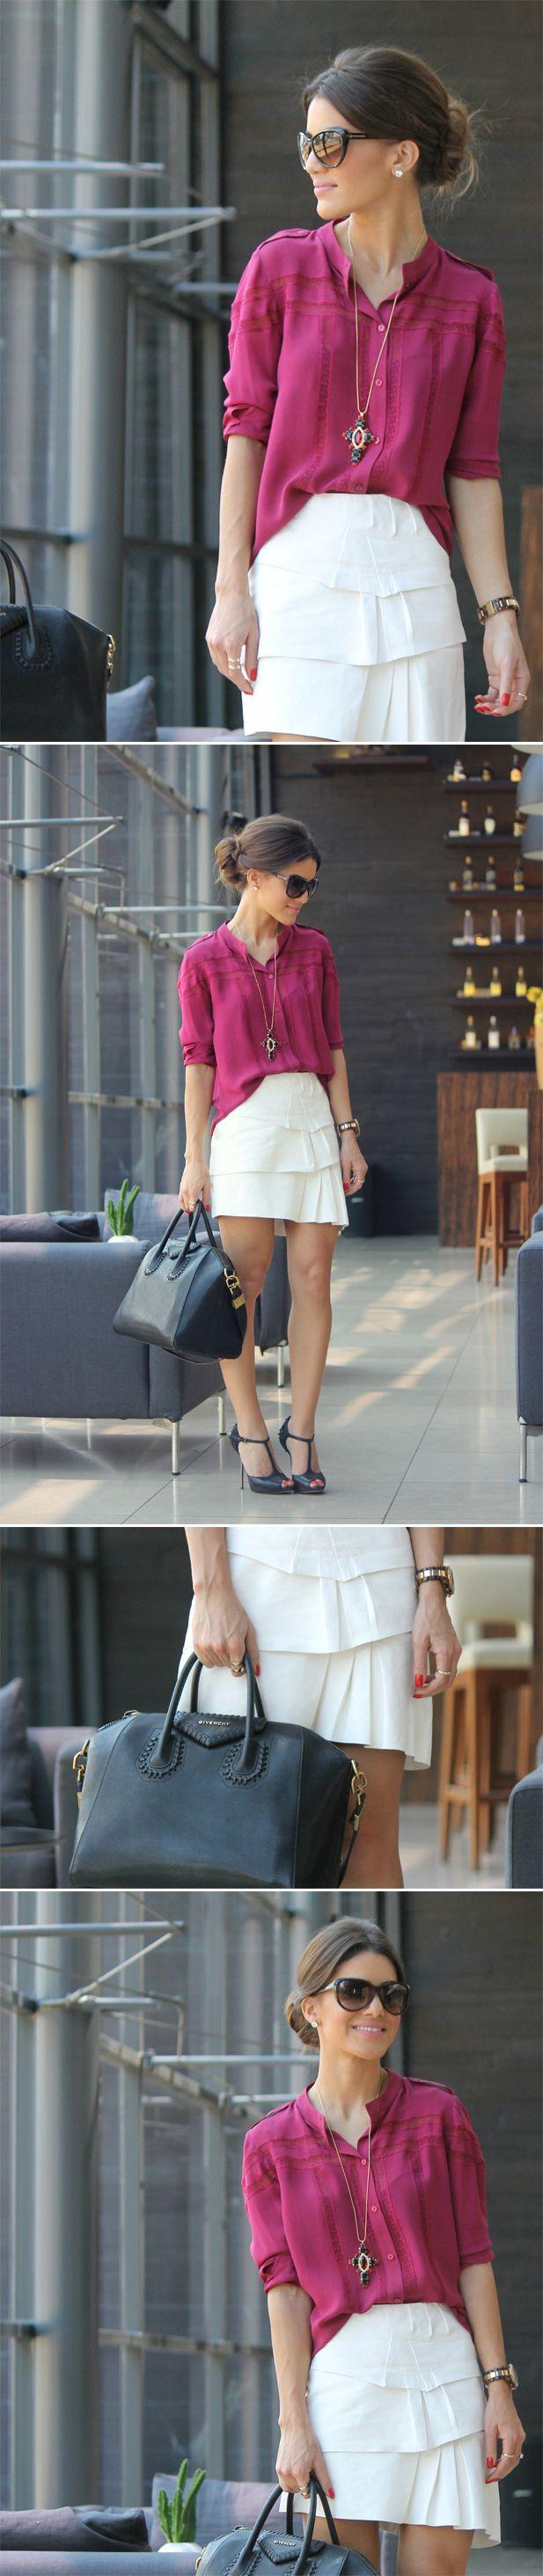 Camisa colorida com saia branca